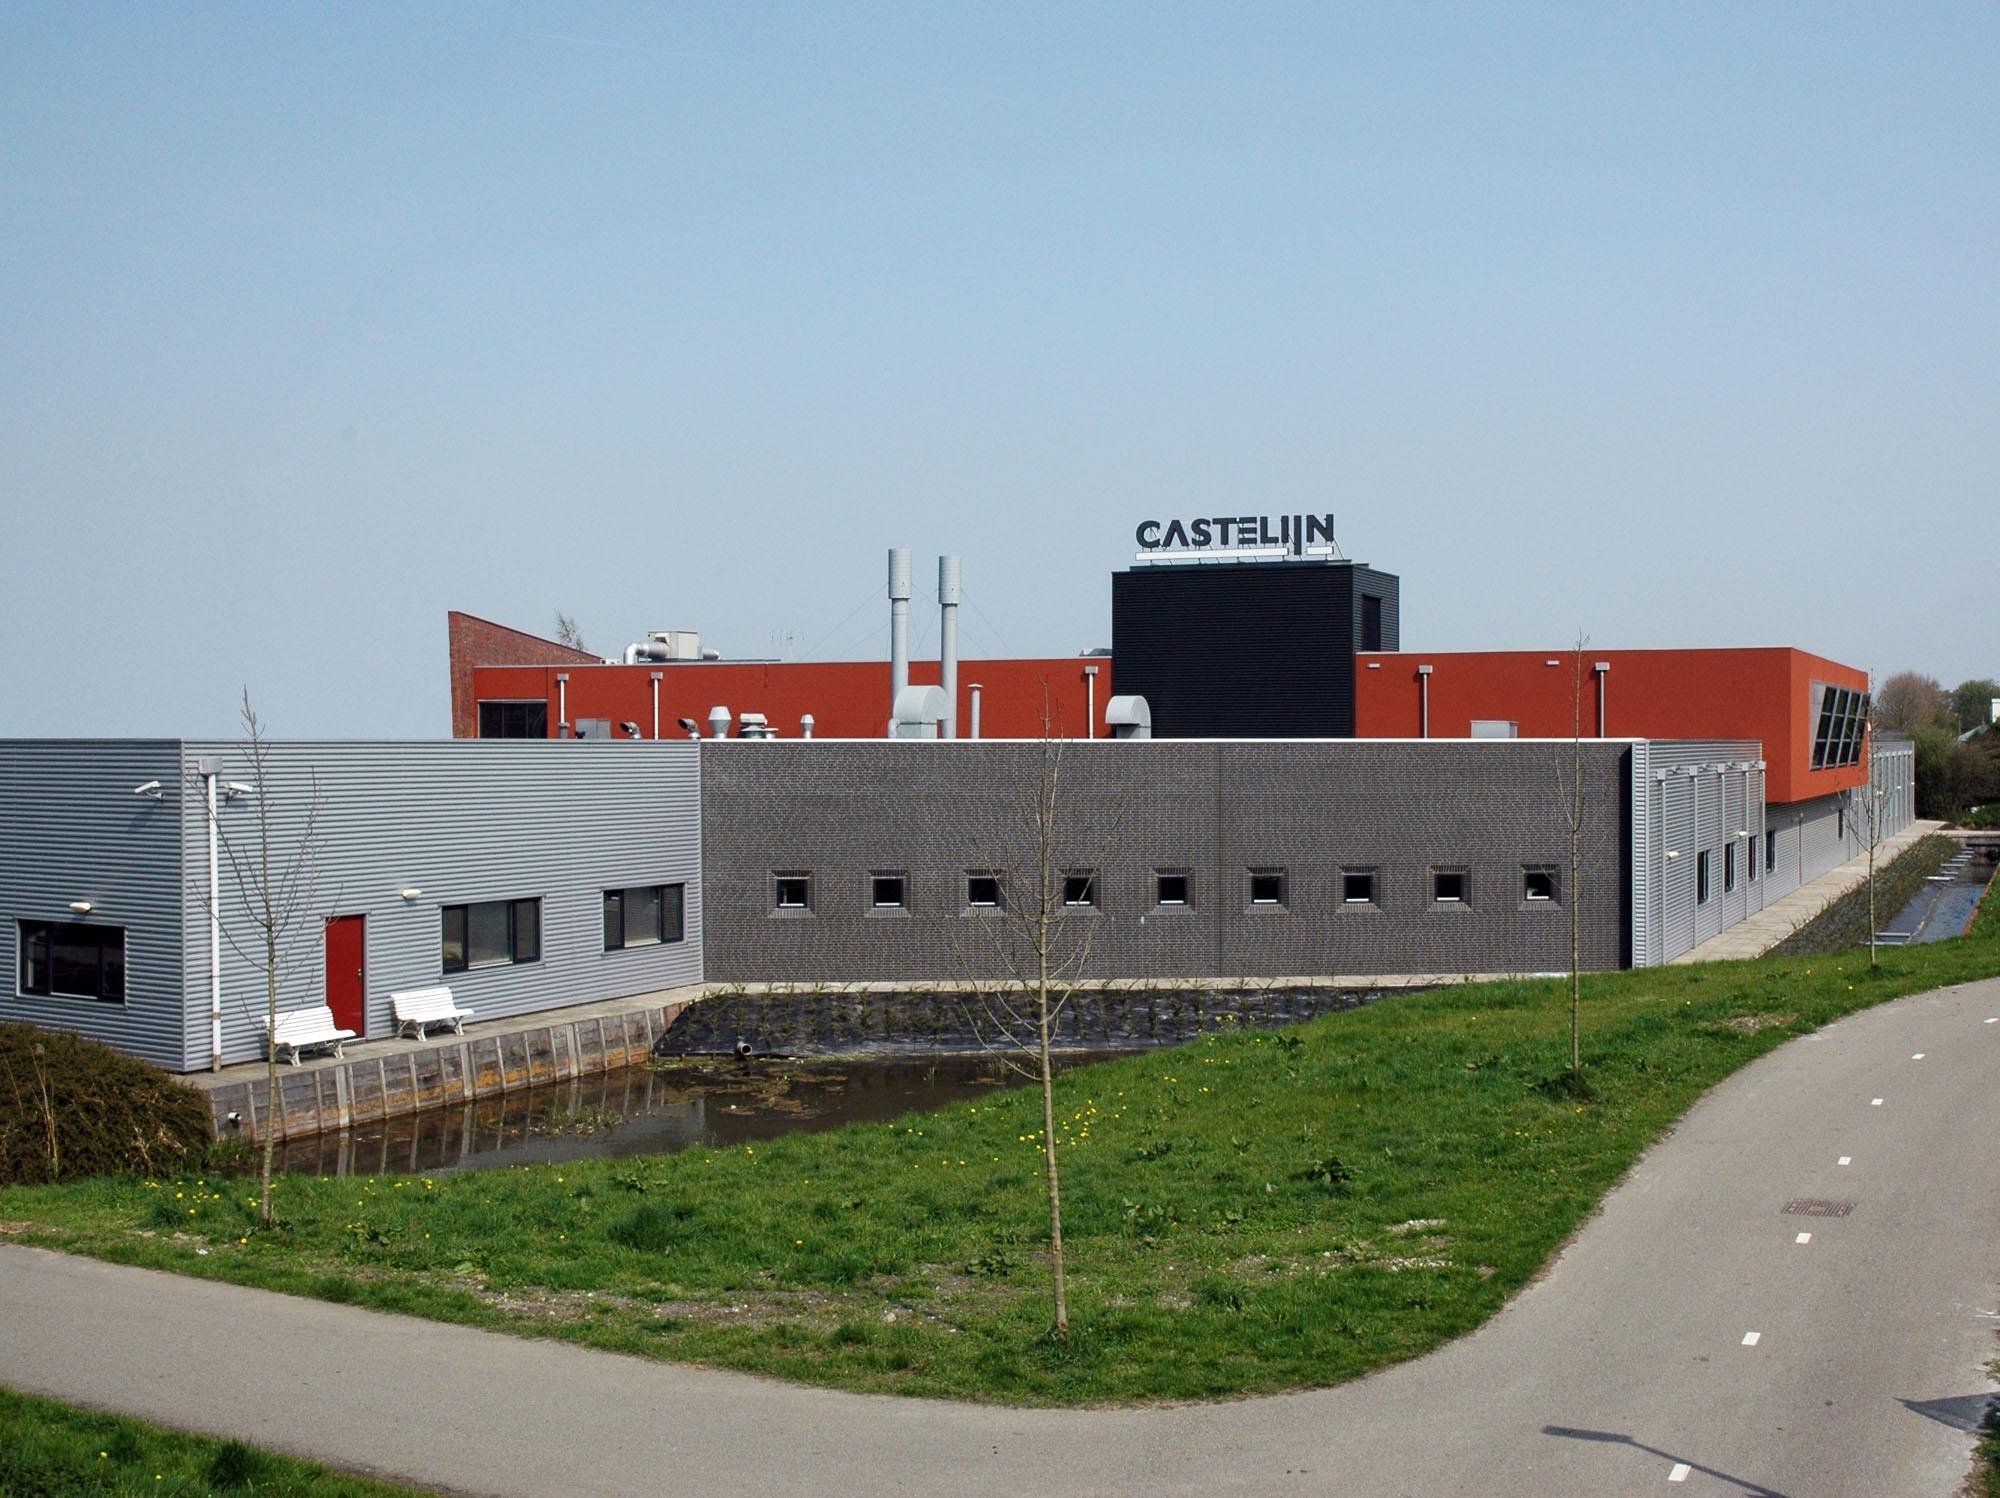 De Castelijn toonkamer en fabriek in Roelofarendsveen